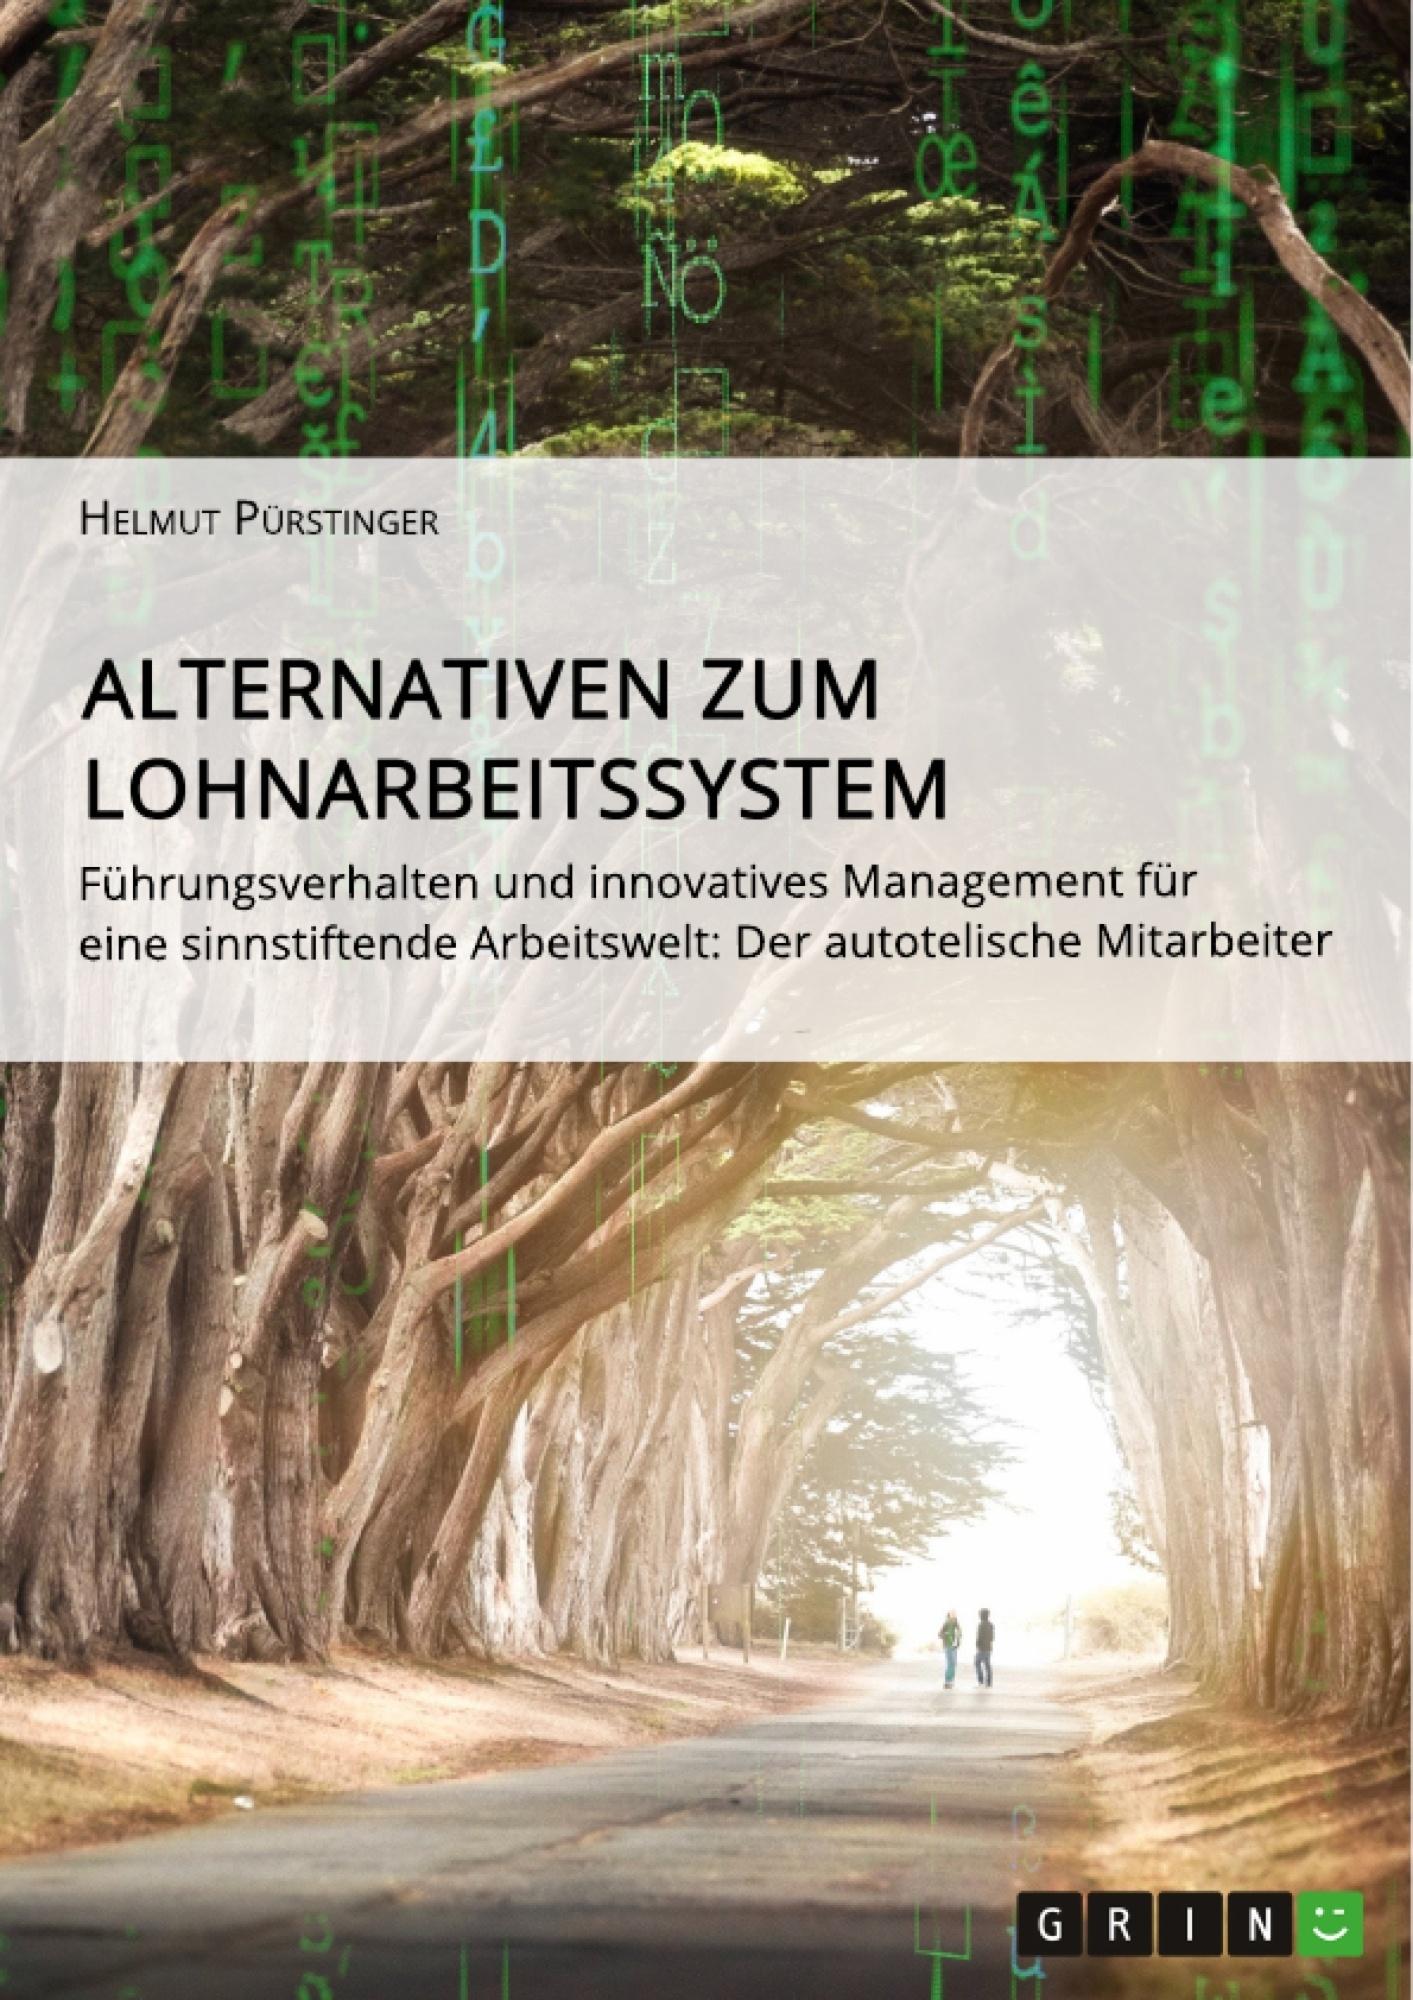 Titel: Alternativen zum Lohnarbeitssystem.  Führungsverhalten und innovatives Management für eine sinnstiftende Arbeitswelt